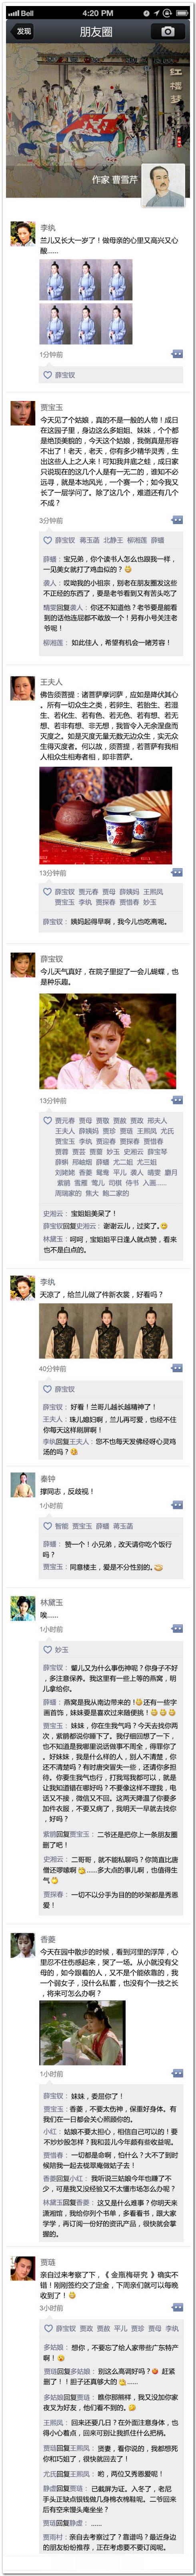 中国四大名著之假如红楼梦有微信朋友圈...